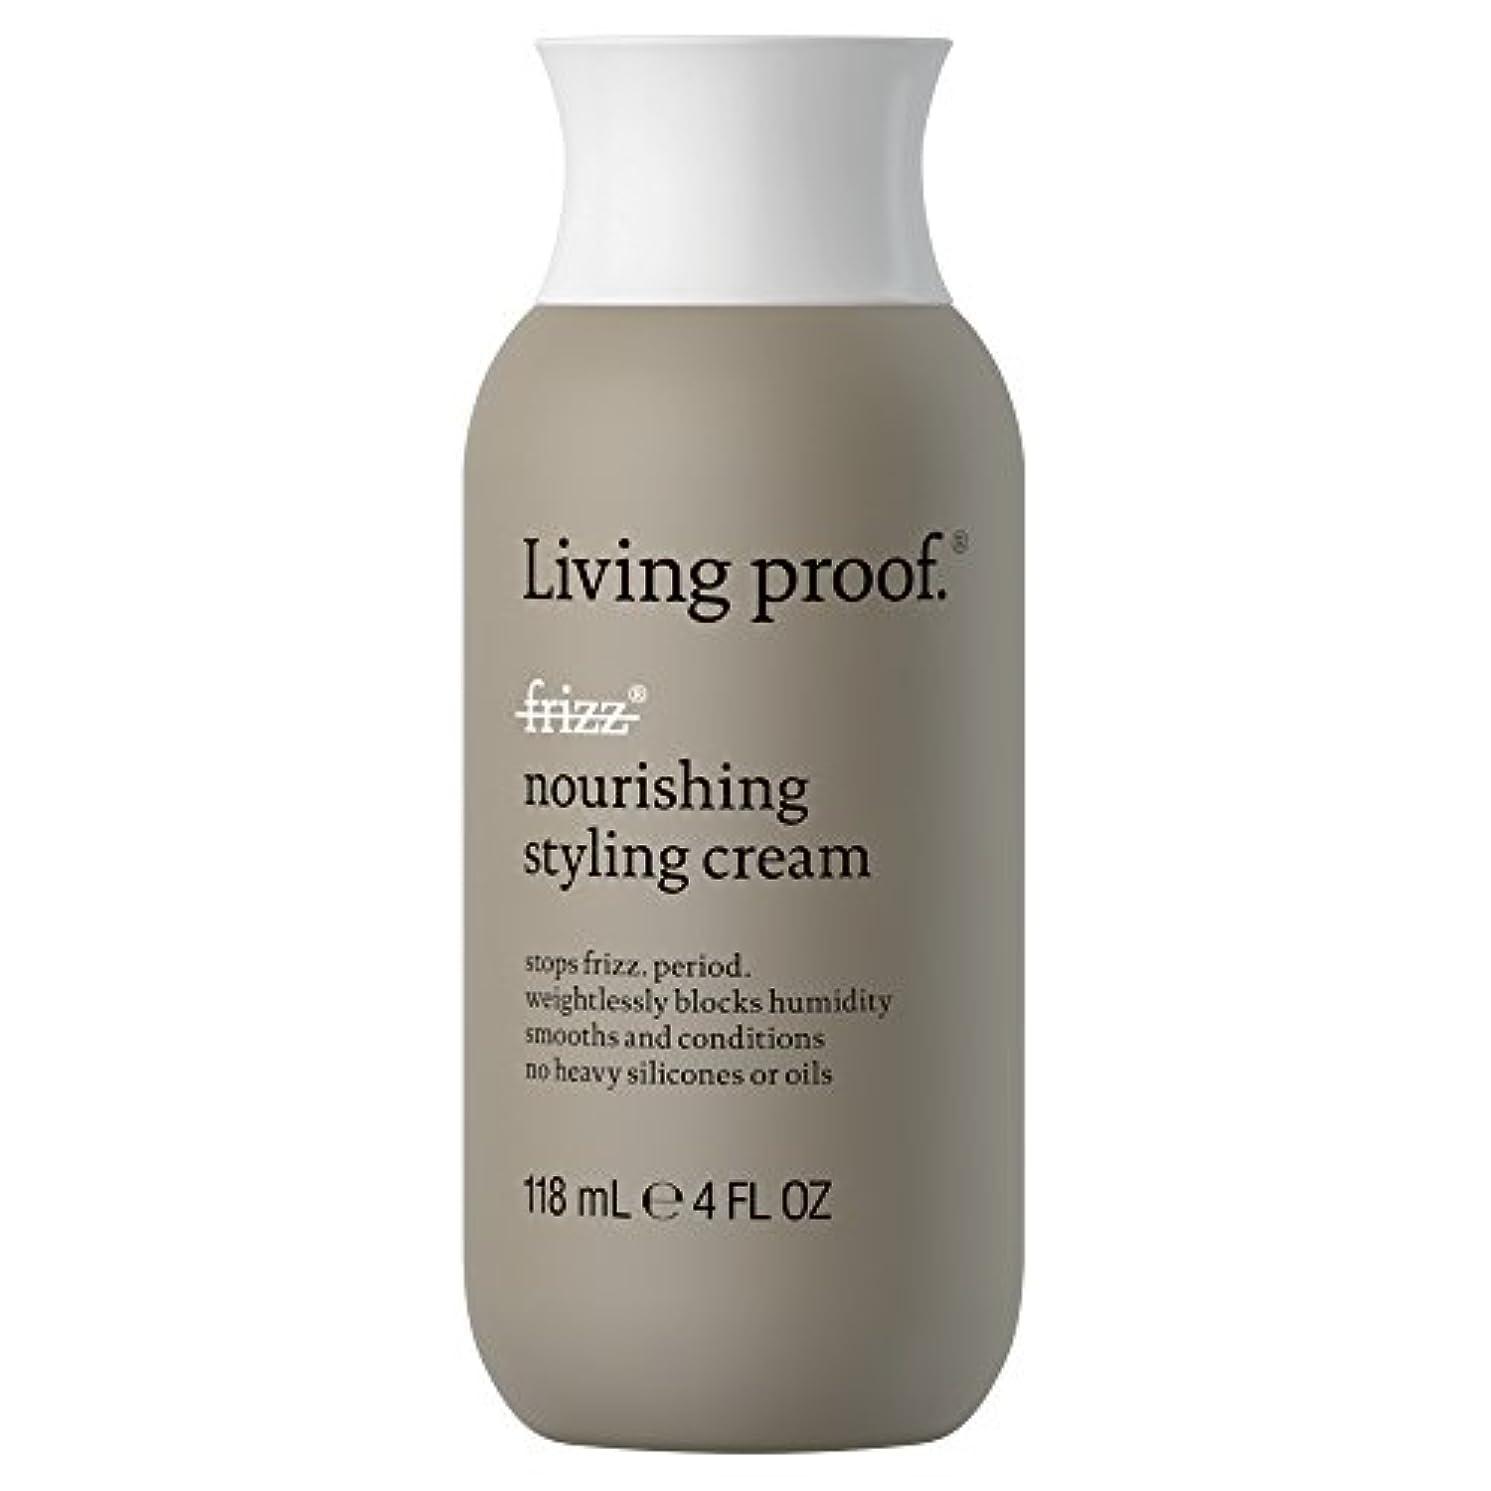 明るい解任することになっている生きている証拠なし縮れ栄養スタイリングクリーム118ミリリットル (Living Proof) (x2) - Living Proof No Frizz Nourishing Styling Cream 118ml (Pack...